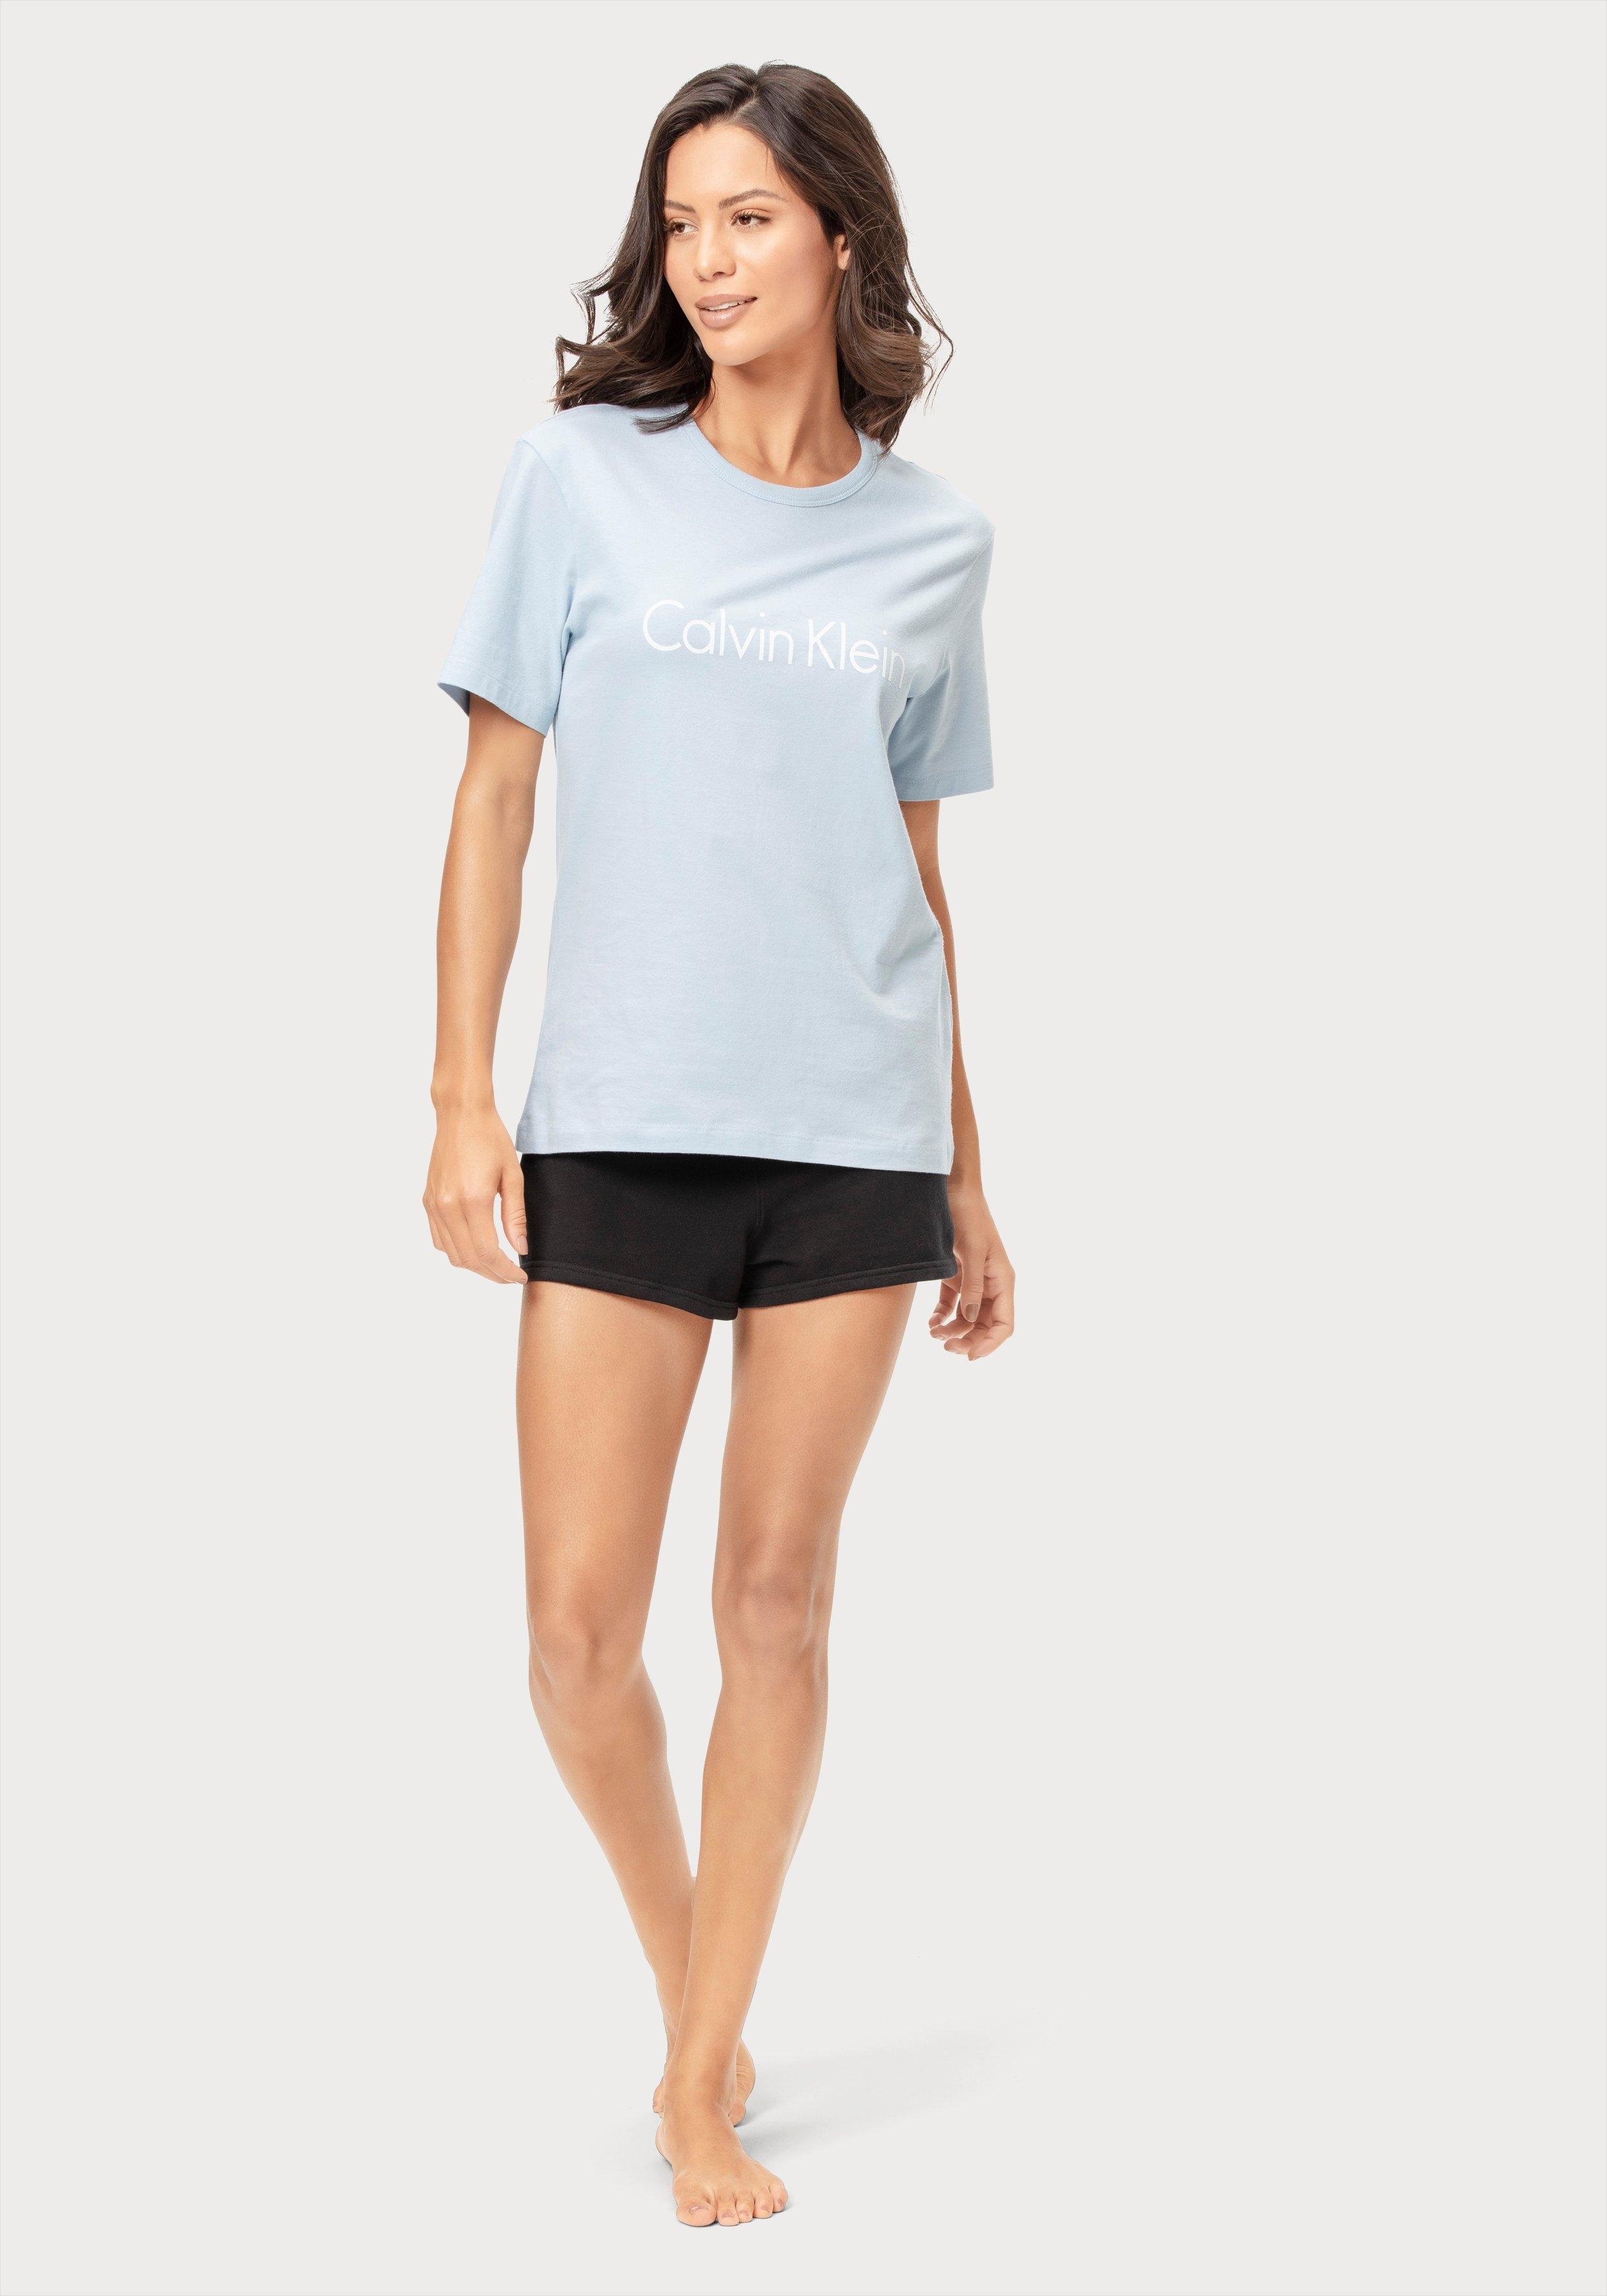 Calvin Klein short met logo boord nu online kopen bij Lascana